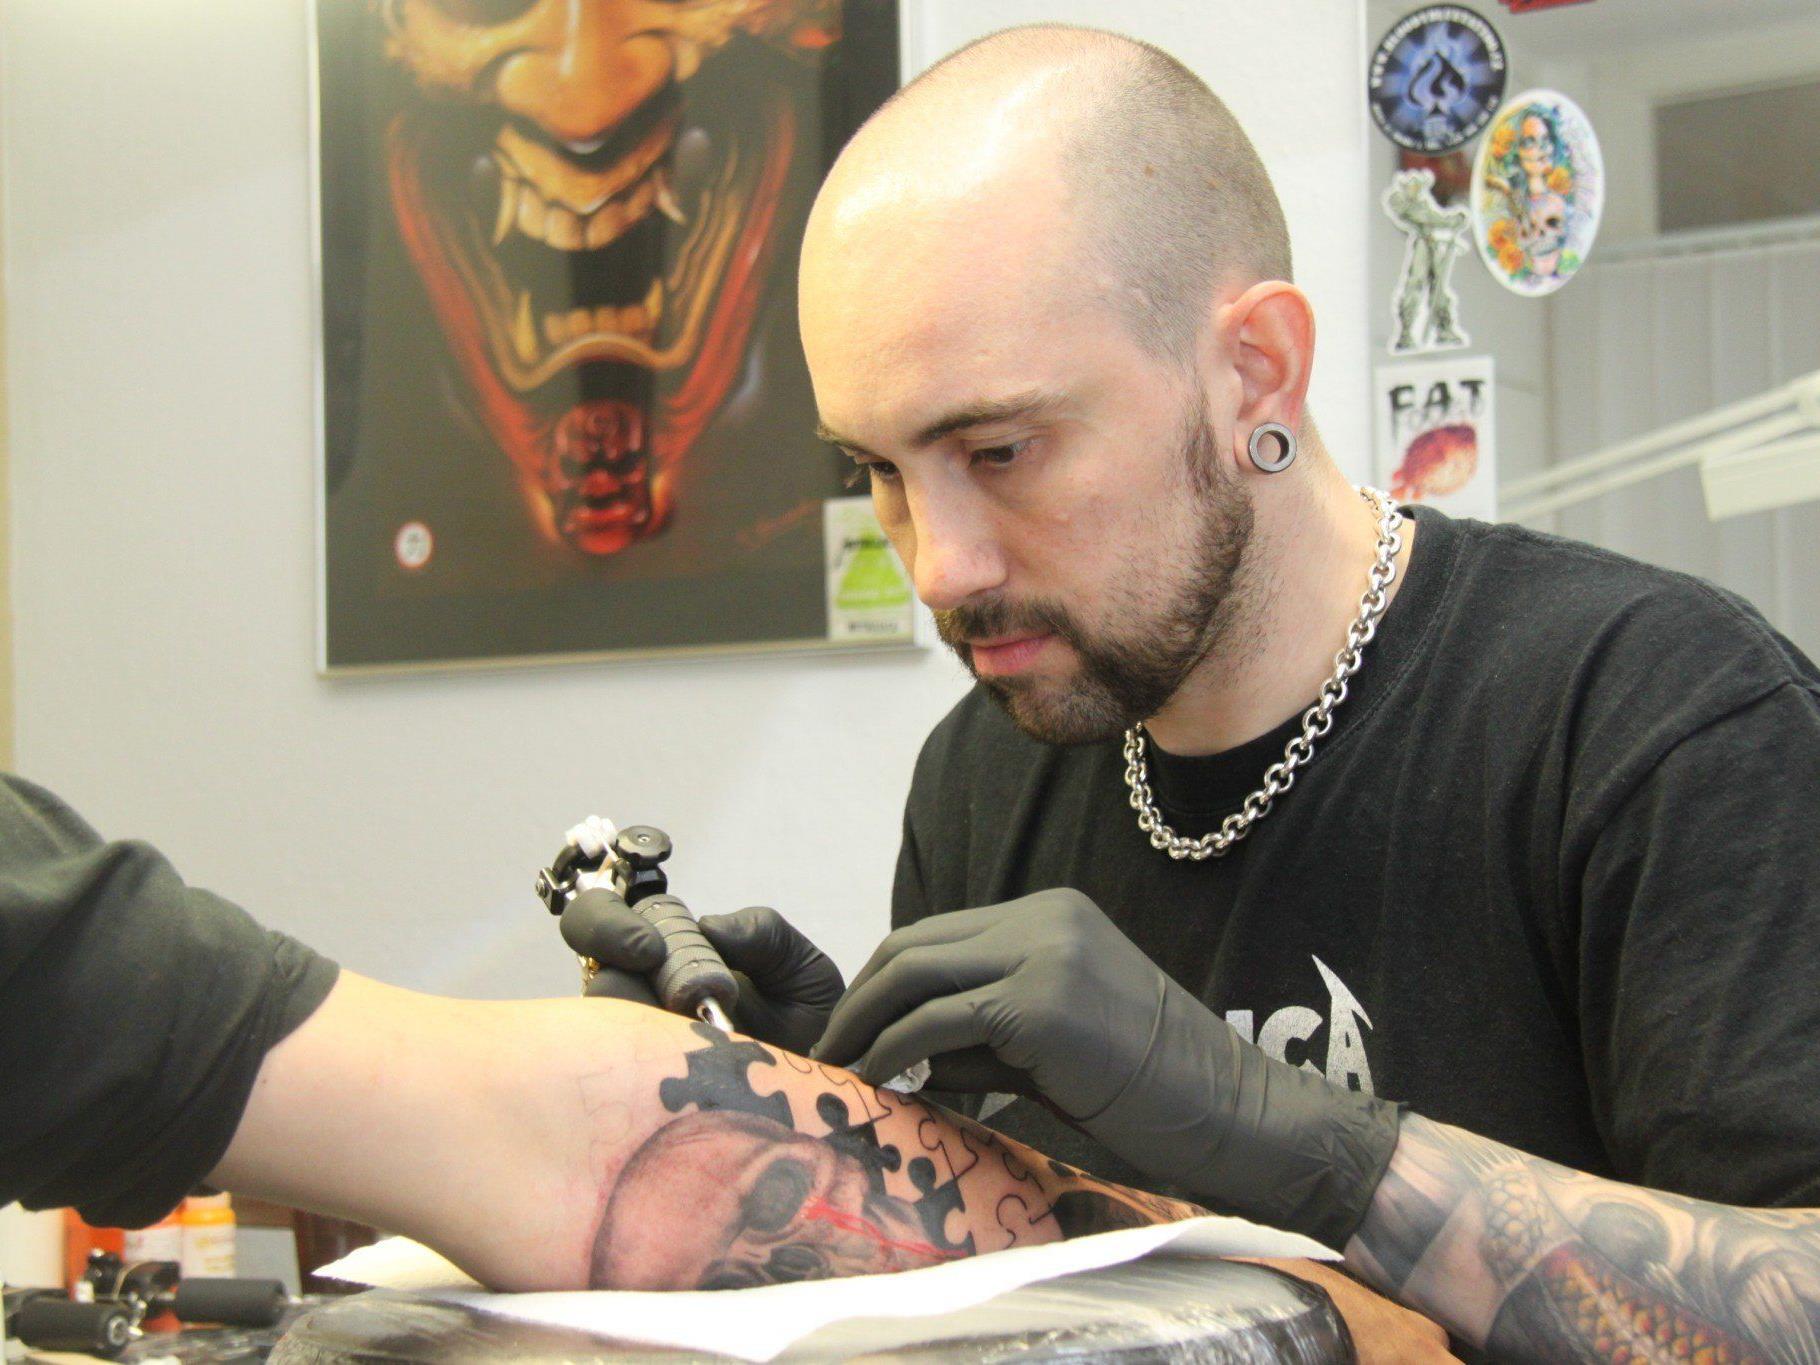 Andy Haller vom Fat Foogo sieht einen Trend zu größeren und farbigeren Tattoos.